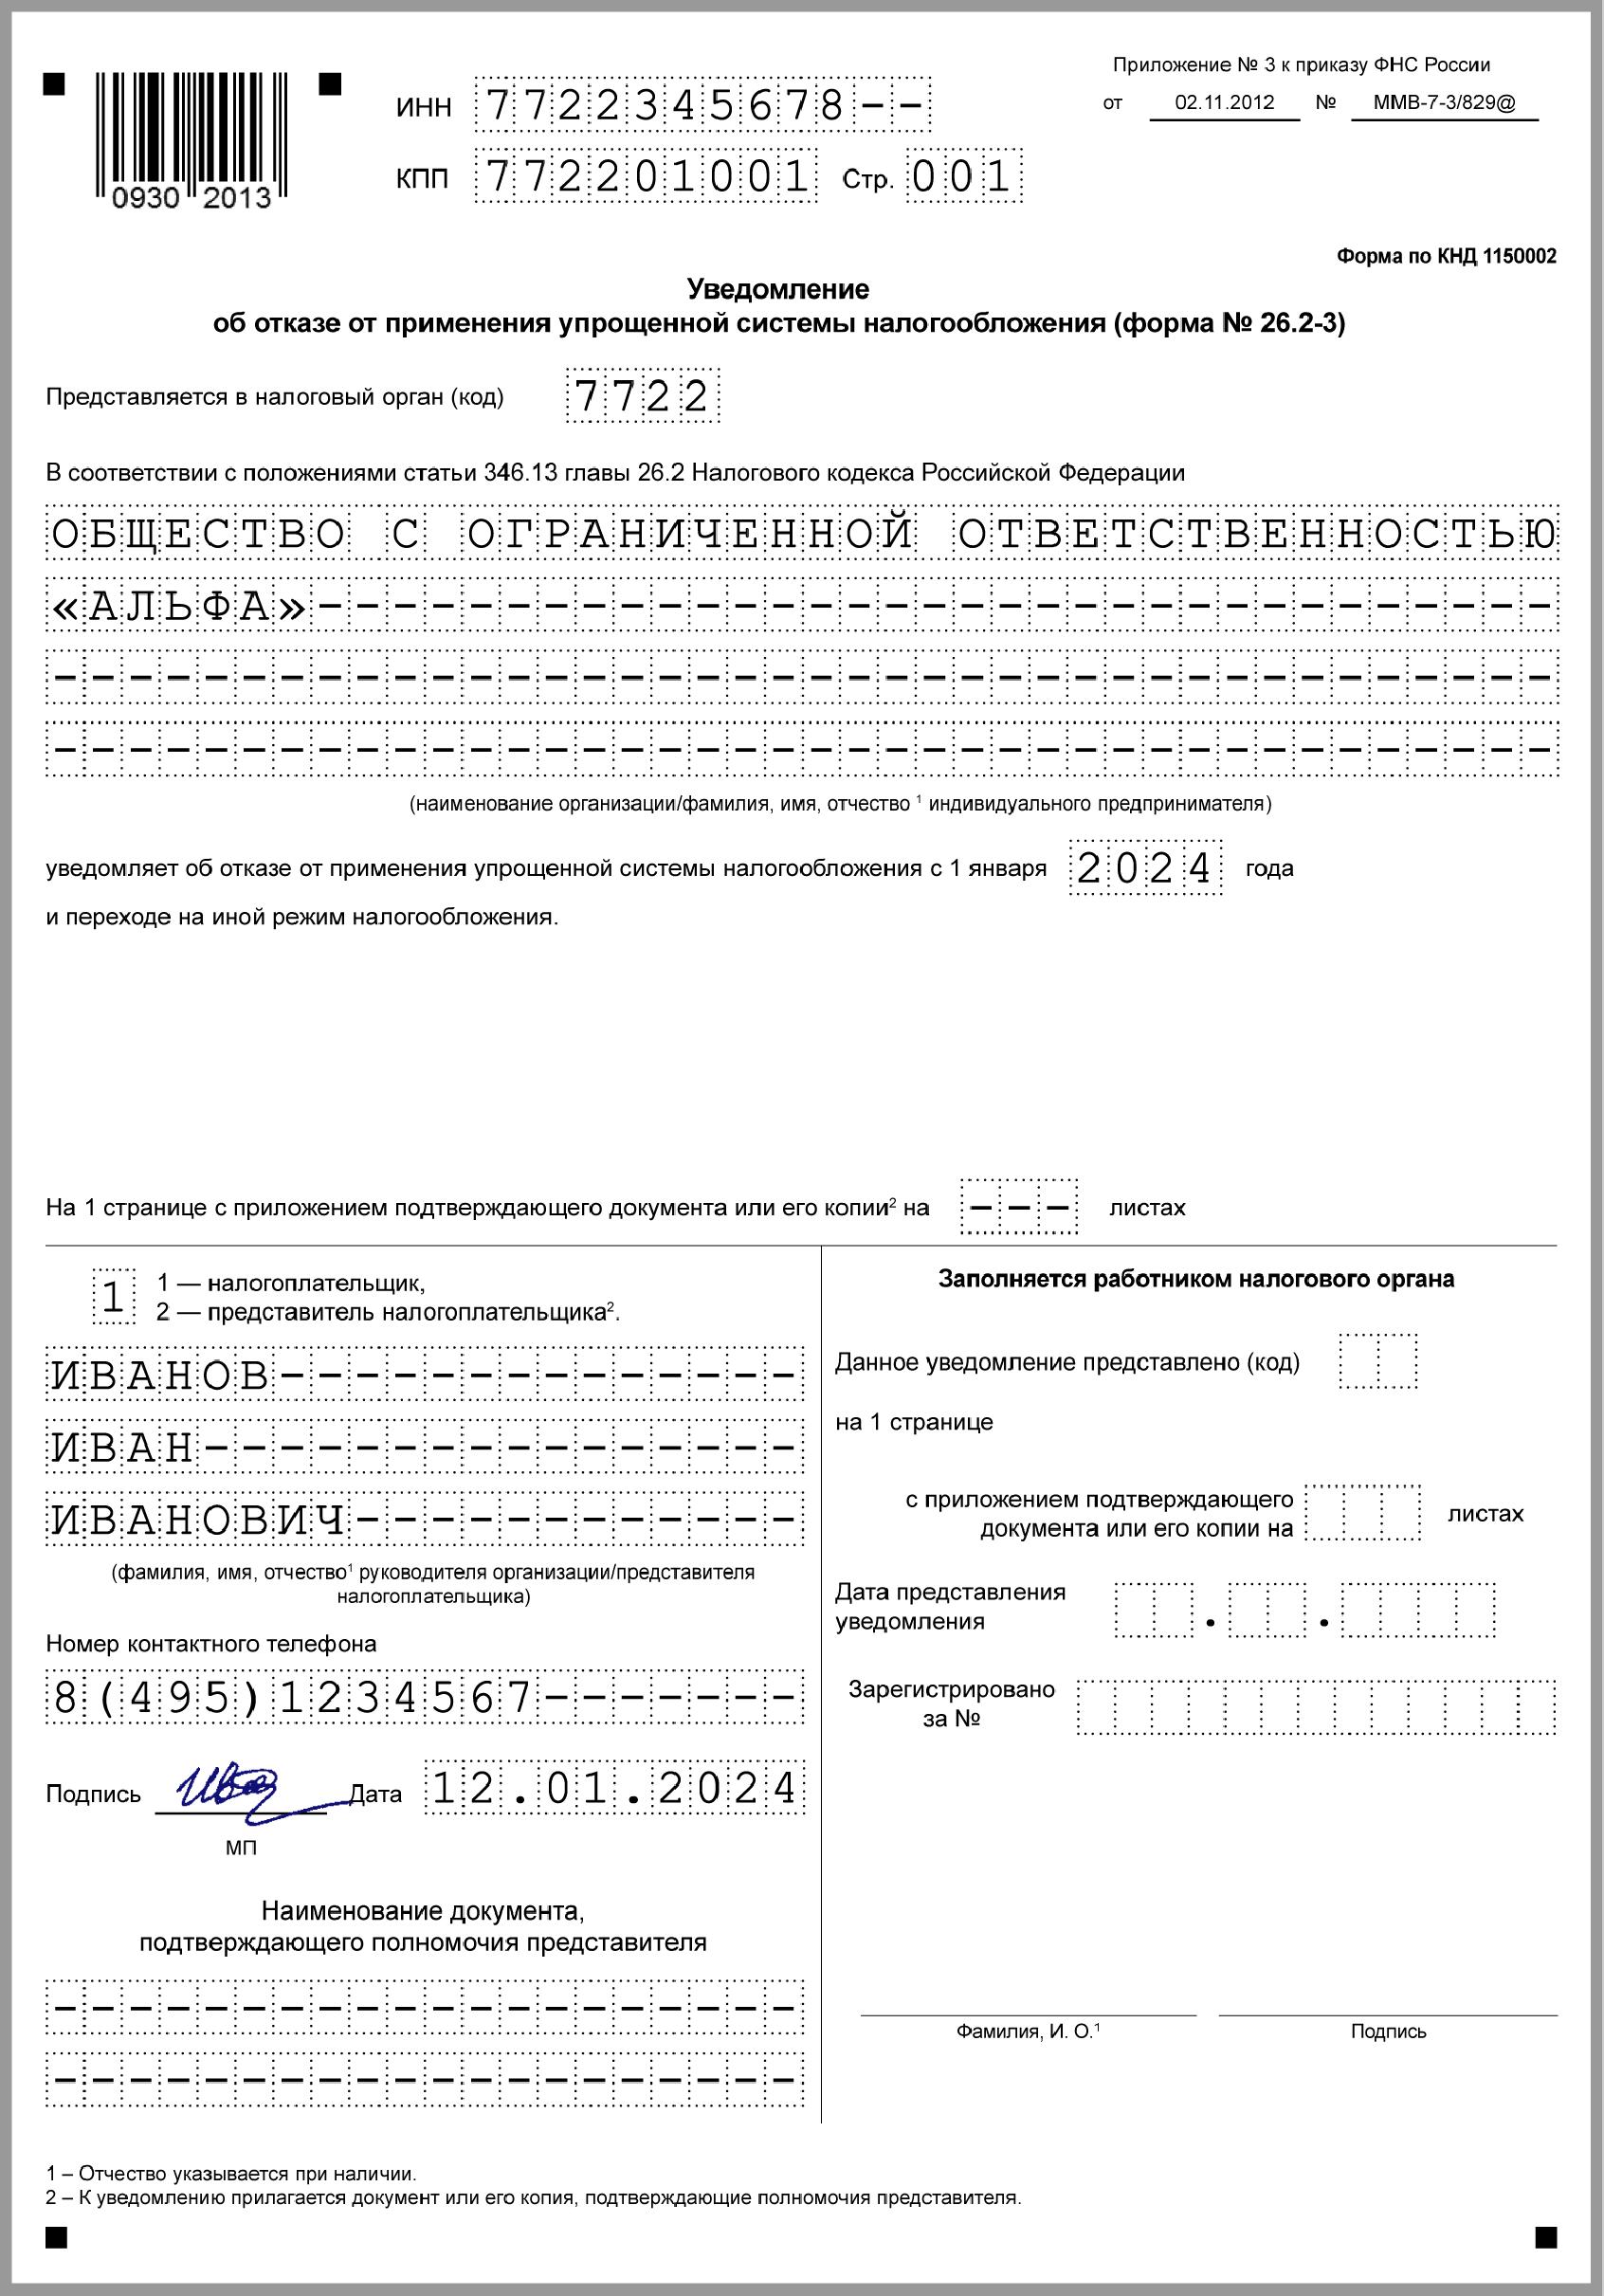 Как определить дату признания доходов на УСН при оплате товара электронными деньгами